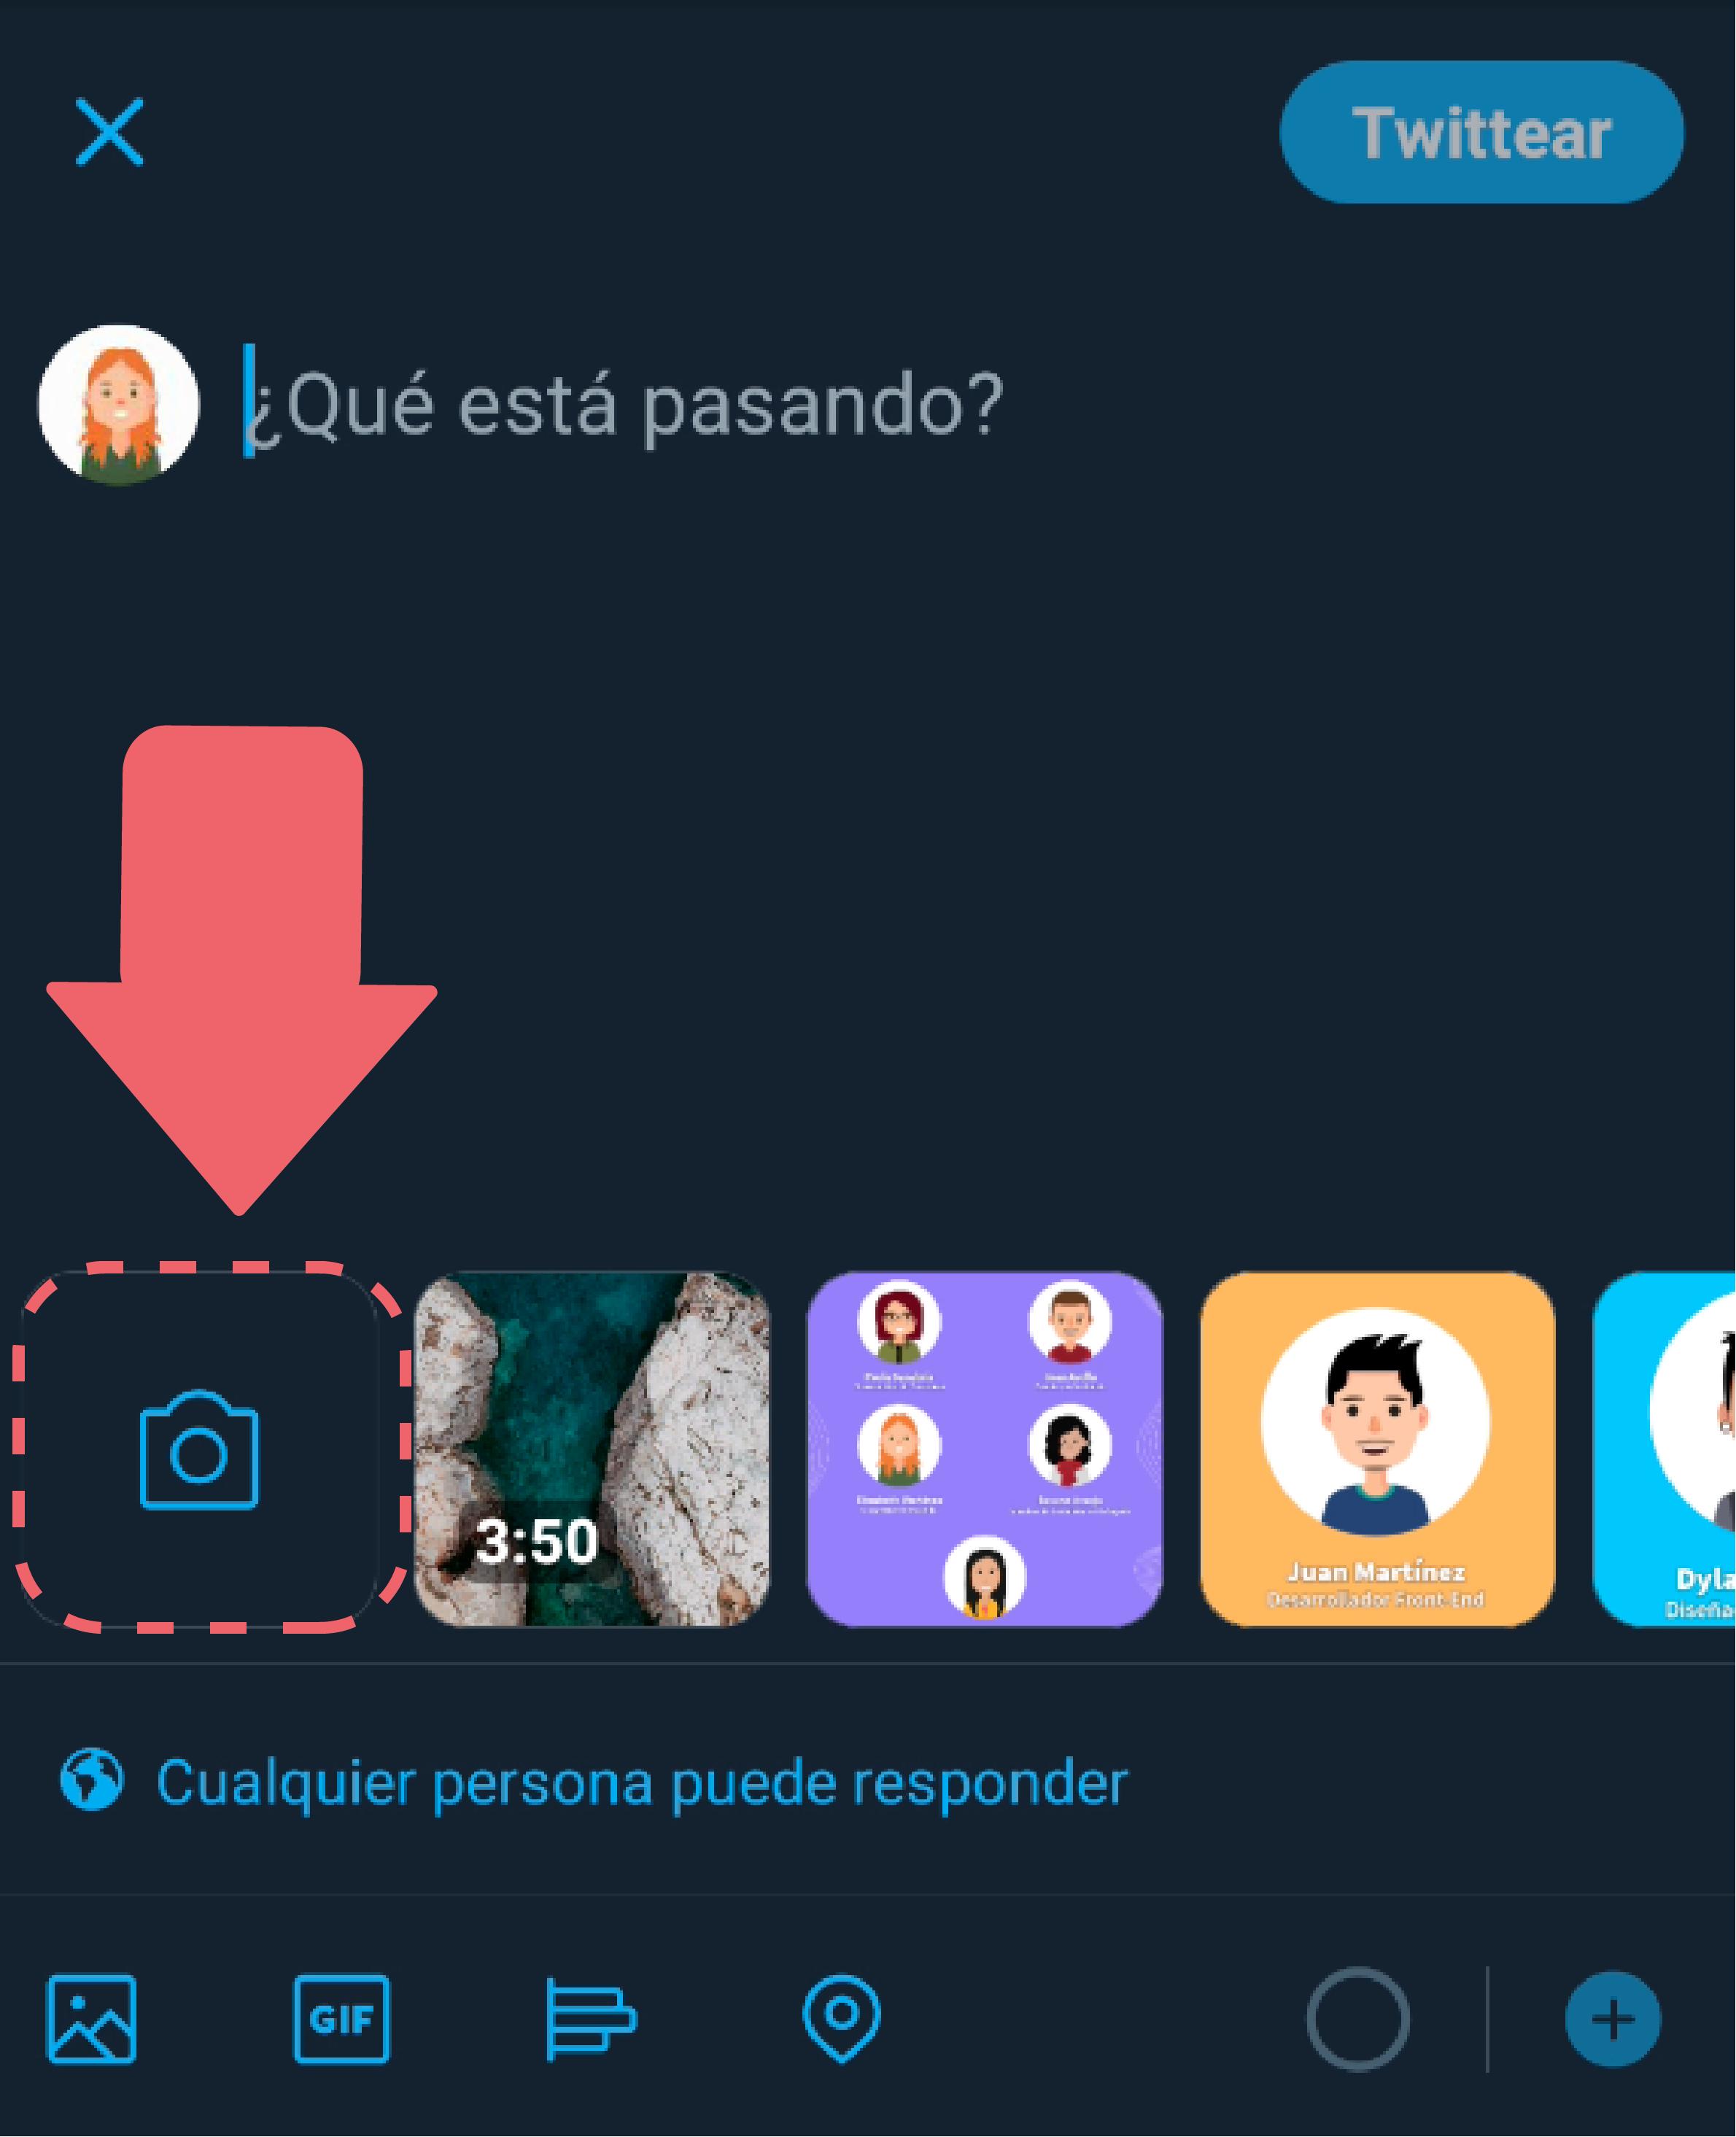 Selecciona el ícono de cámara ubicado en la parte central izquierda de la app.